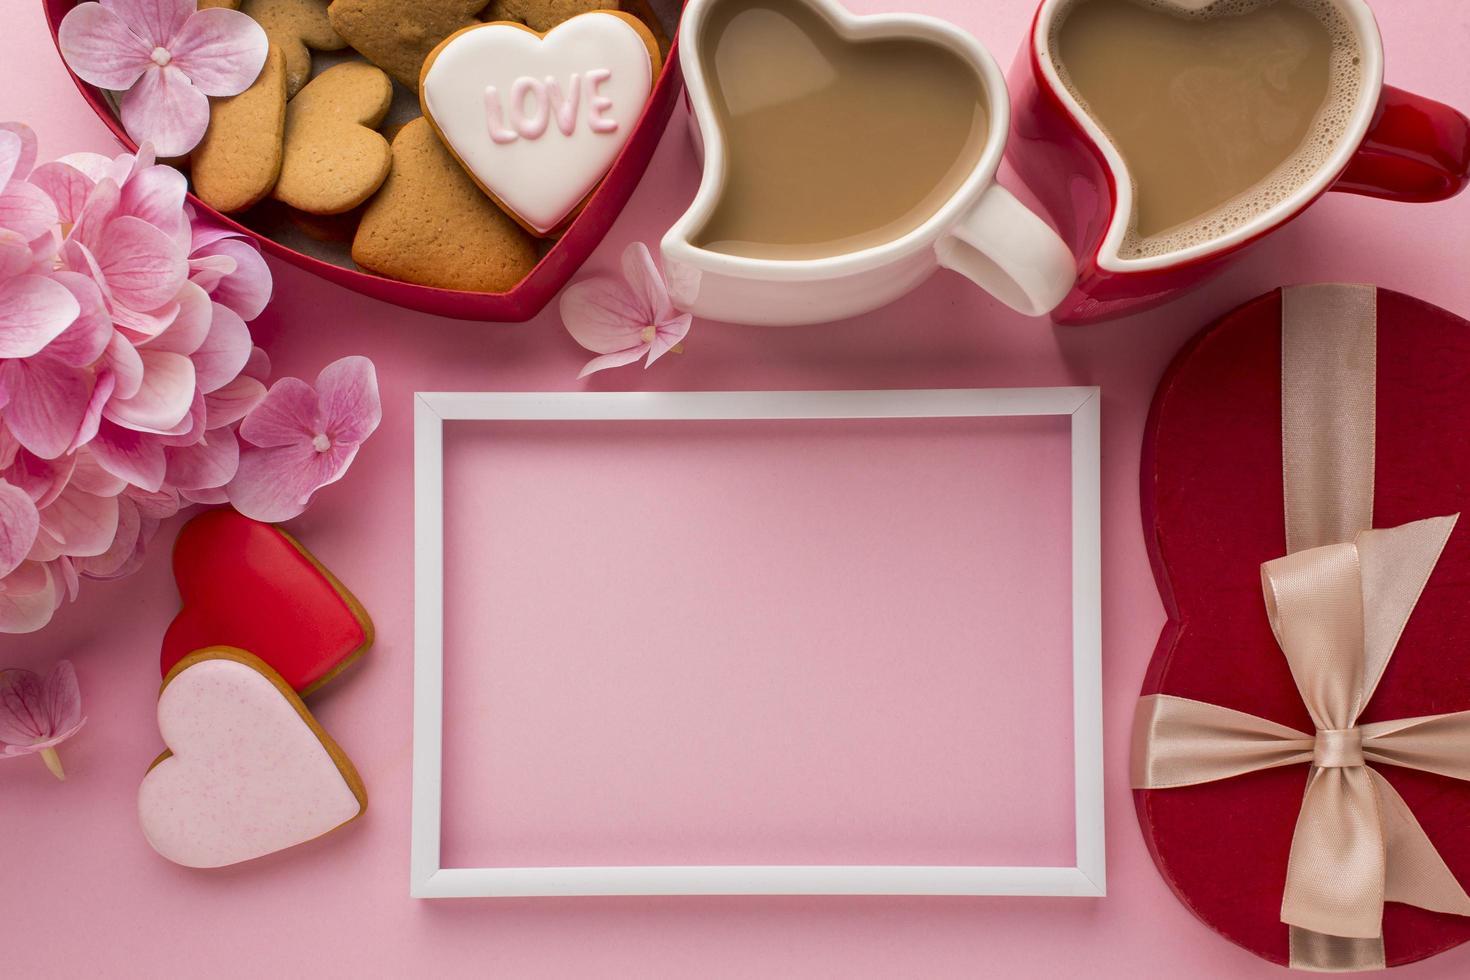 Bilderrahmen und Valentinstag Artikel foto